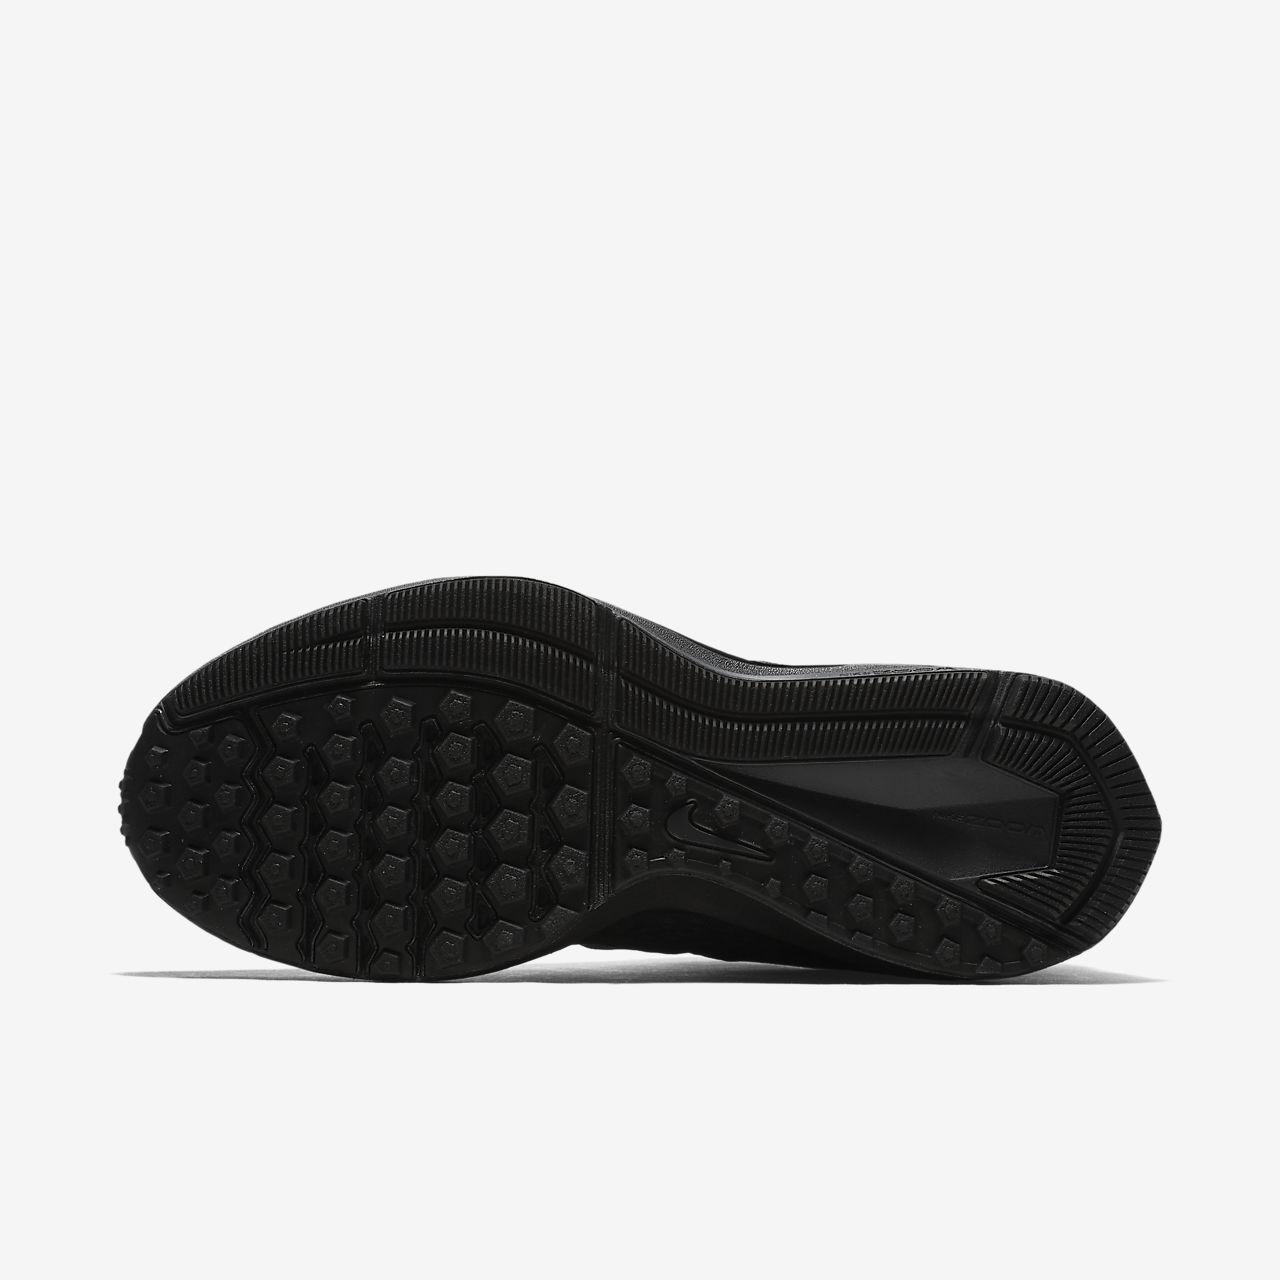 fd11bf8c64c9 Nike Air Zoom Winflo 5 Women s Running Shoe. Nike.com